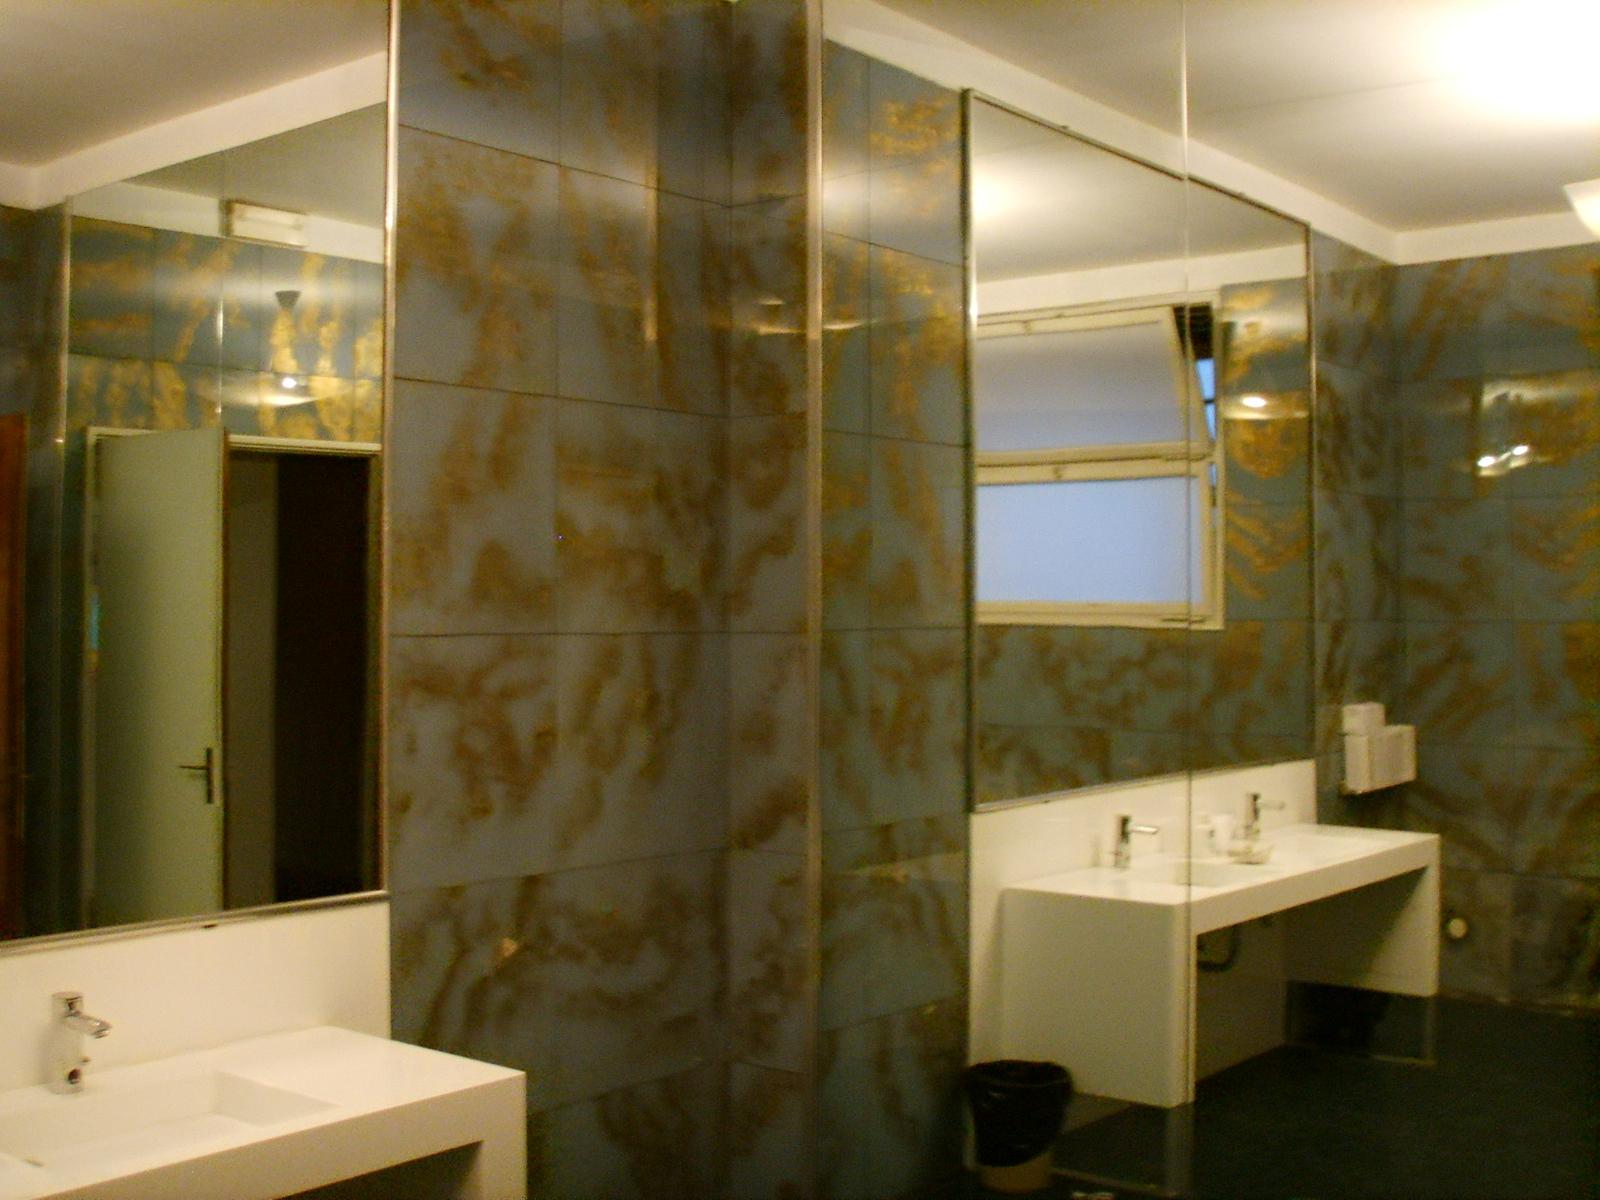 Vasca Da Bagno Wikipedia : File palazzina reale bagno g wikipedia